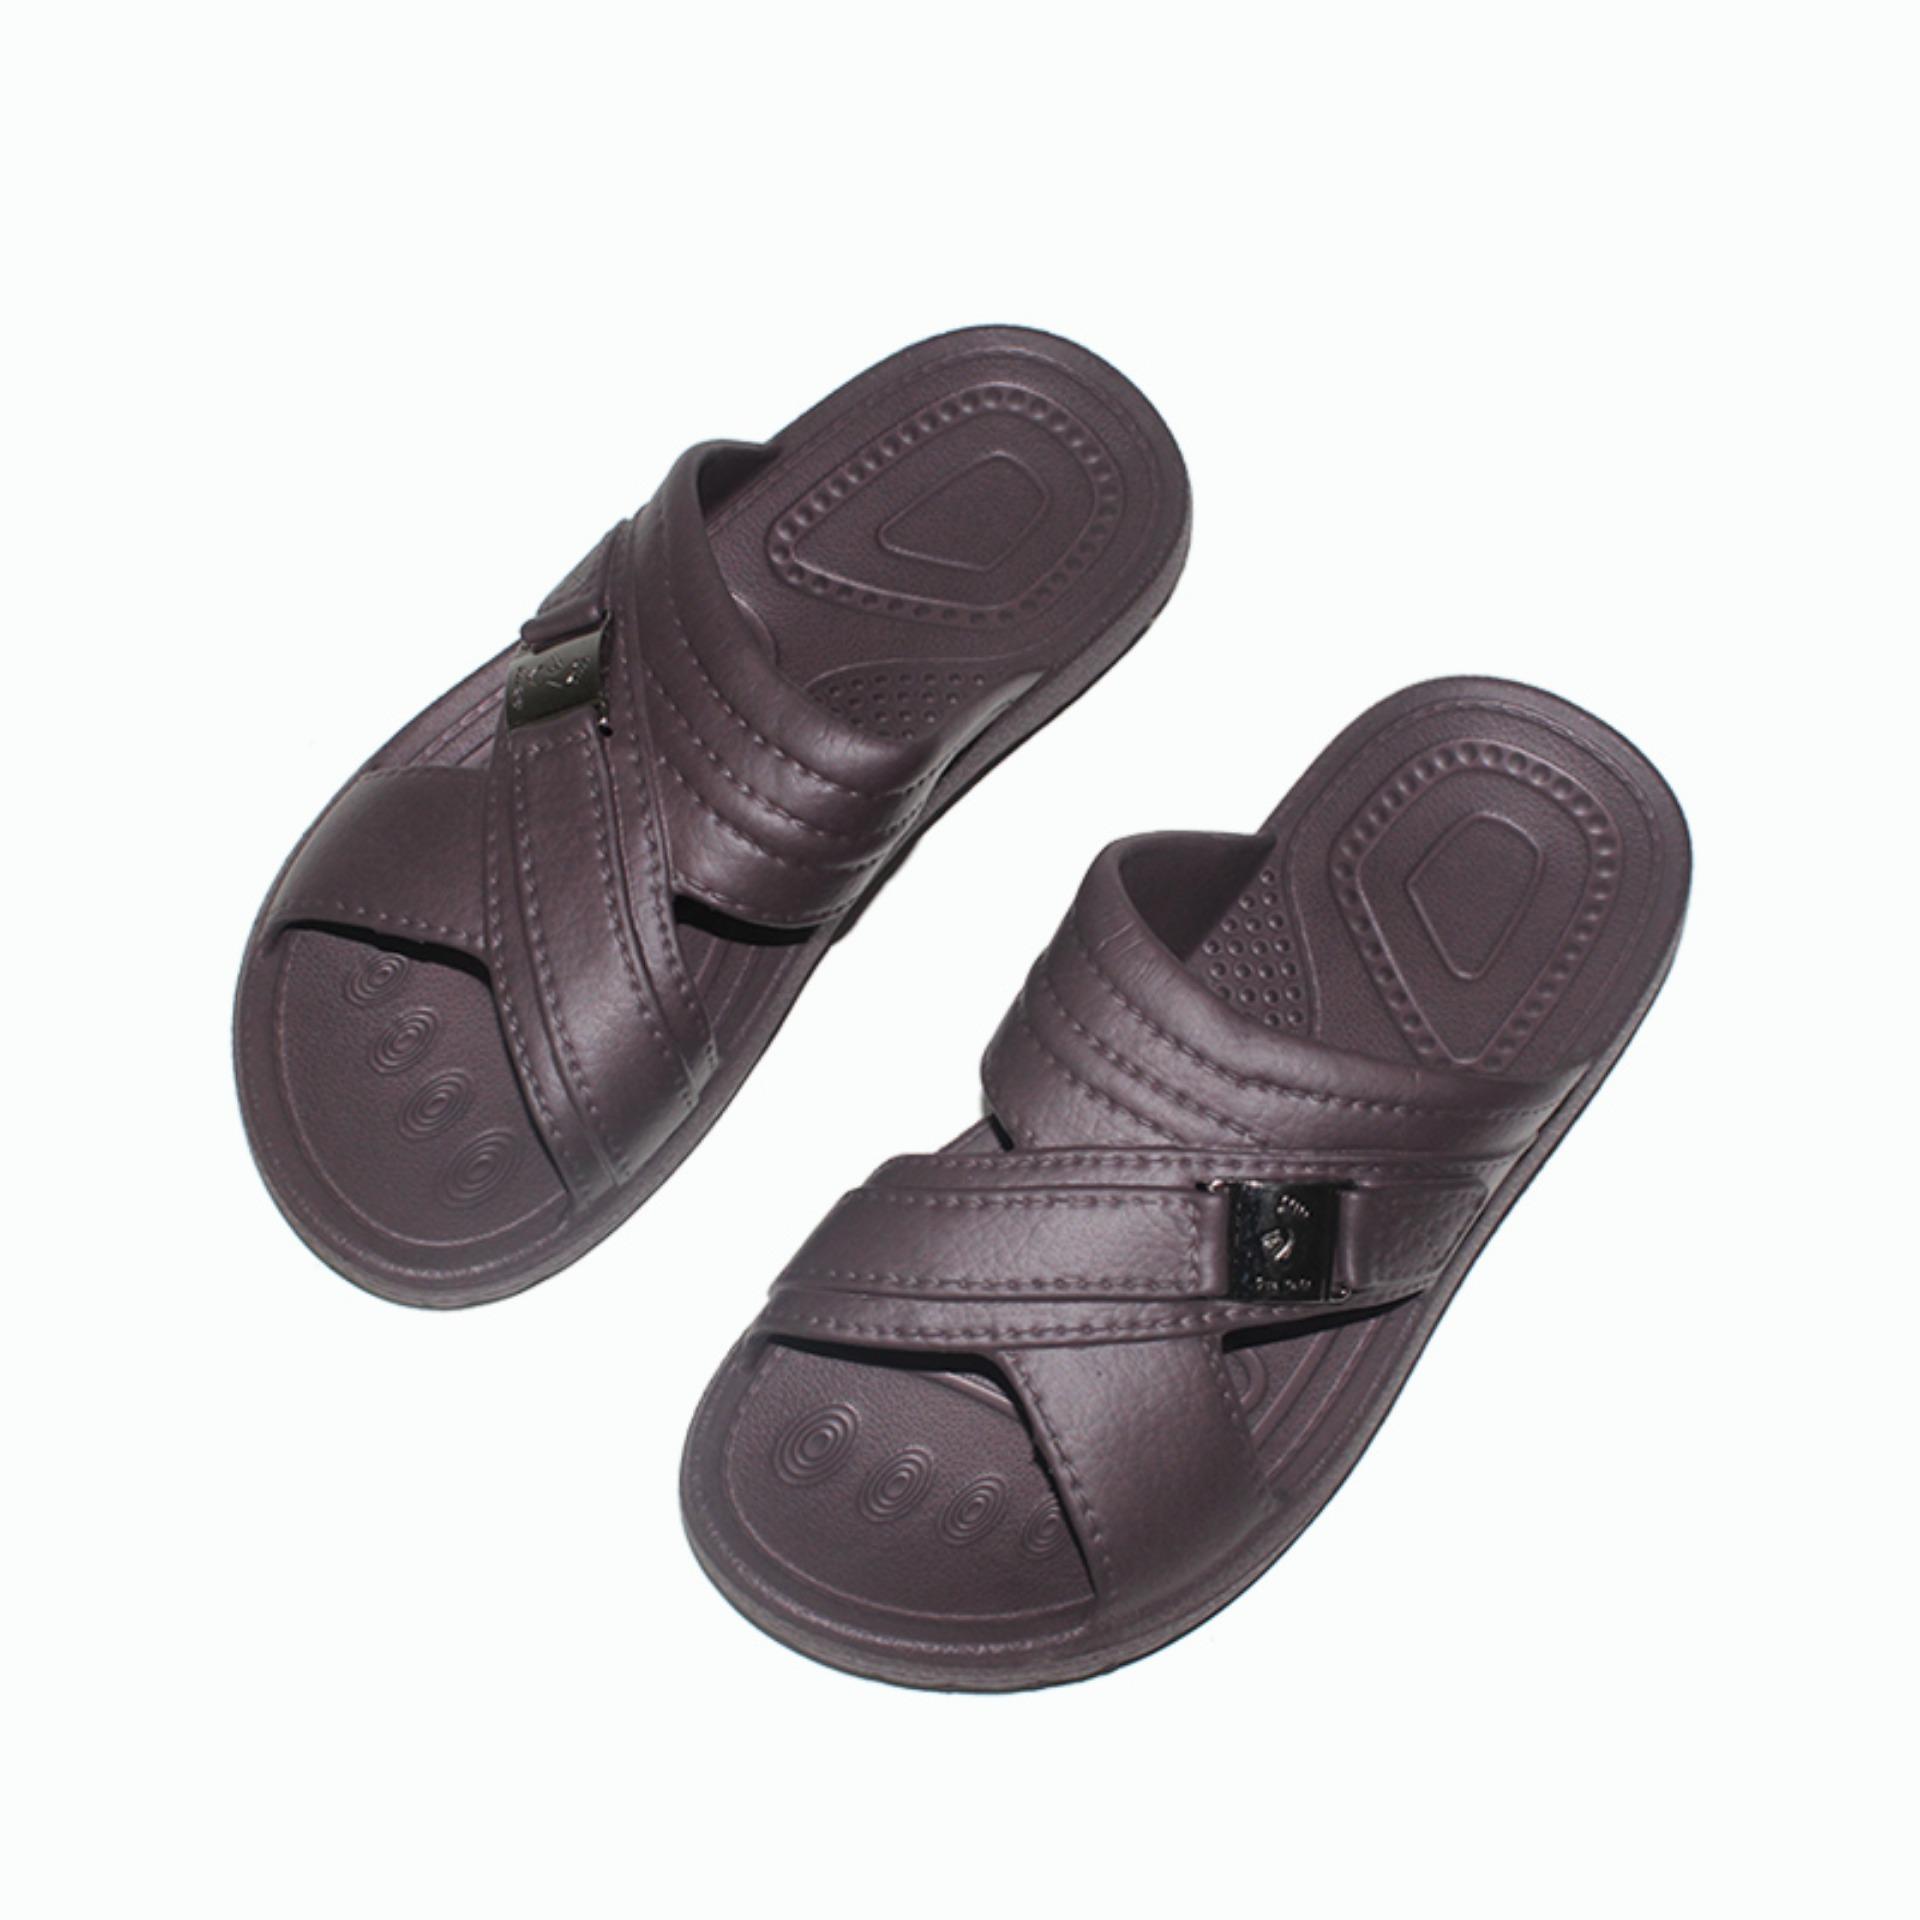 Untuk Dewasa EELIC SSK-509 COKLAT 1 PCS Sandal Selop Karet Anti Slip Pria Dewasa